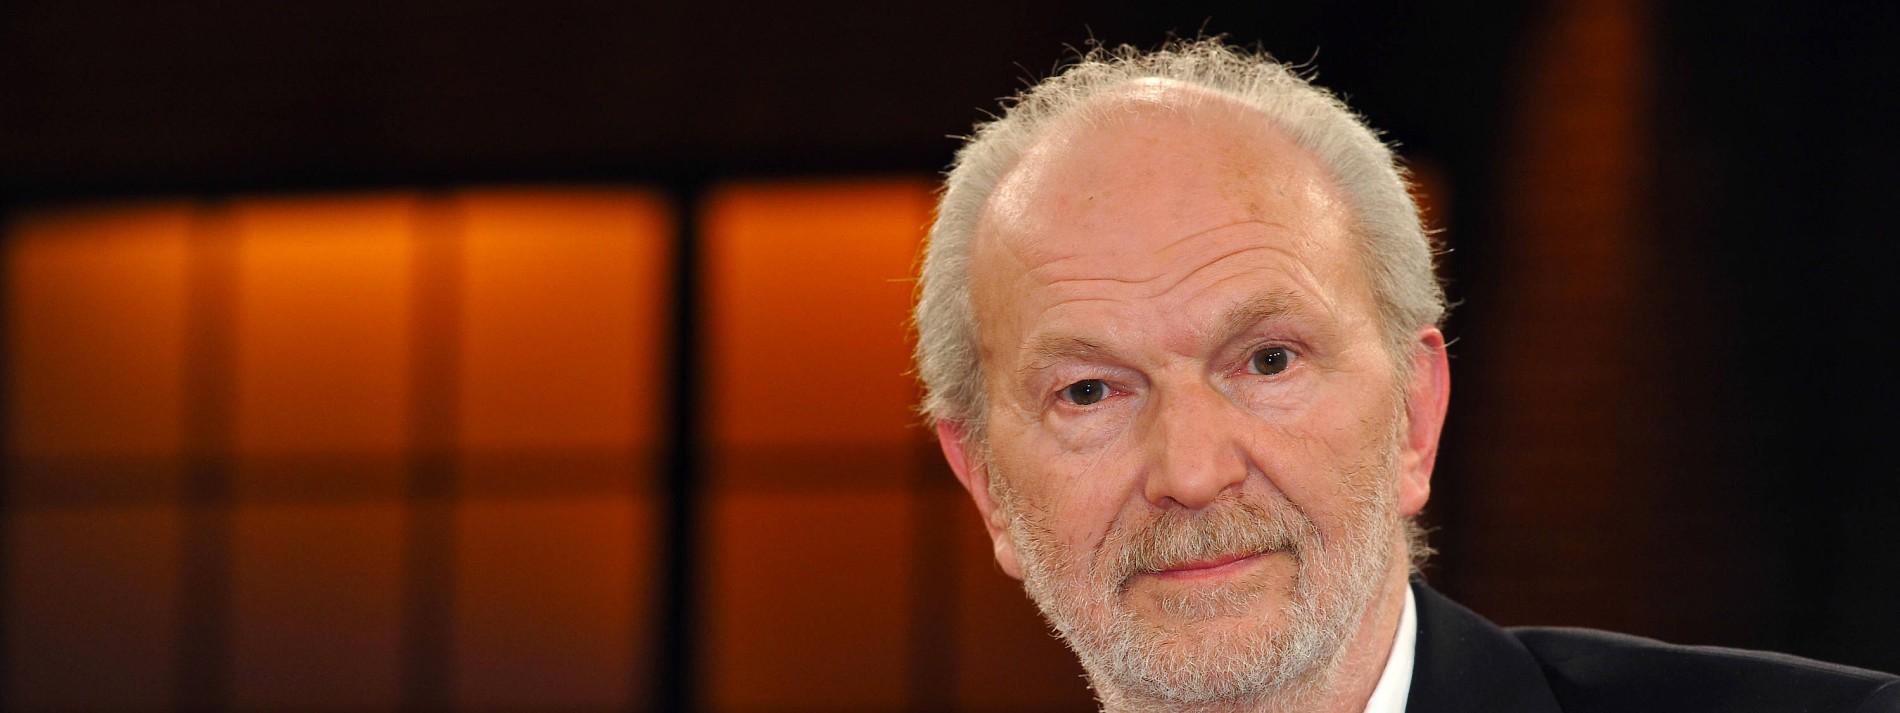 Michael Gwisdek ist gestorben